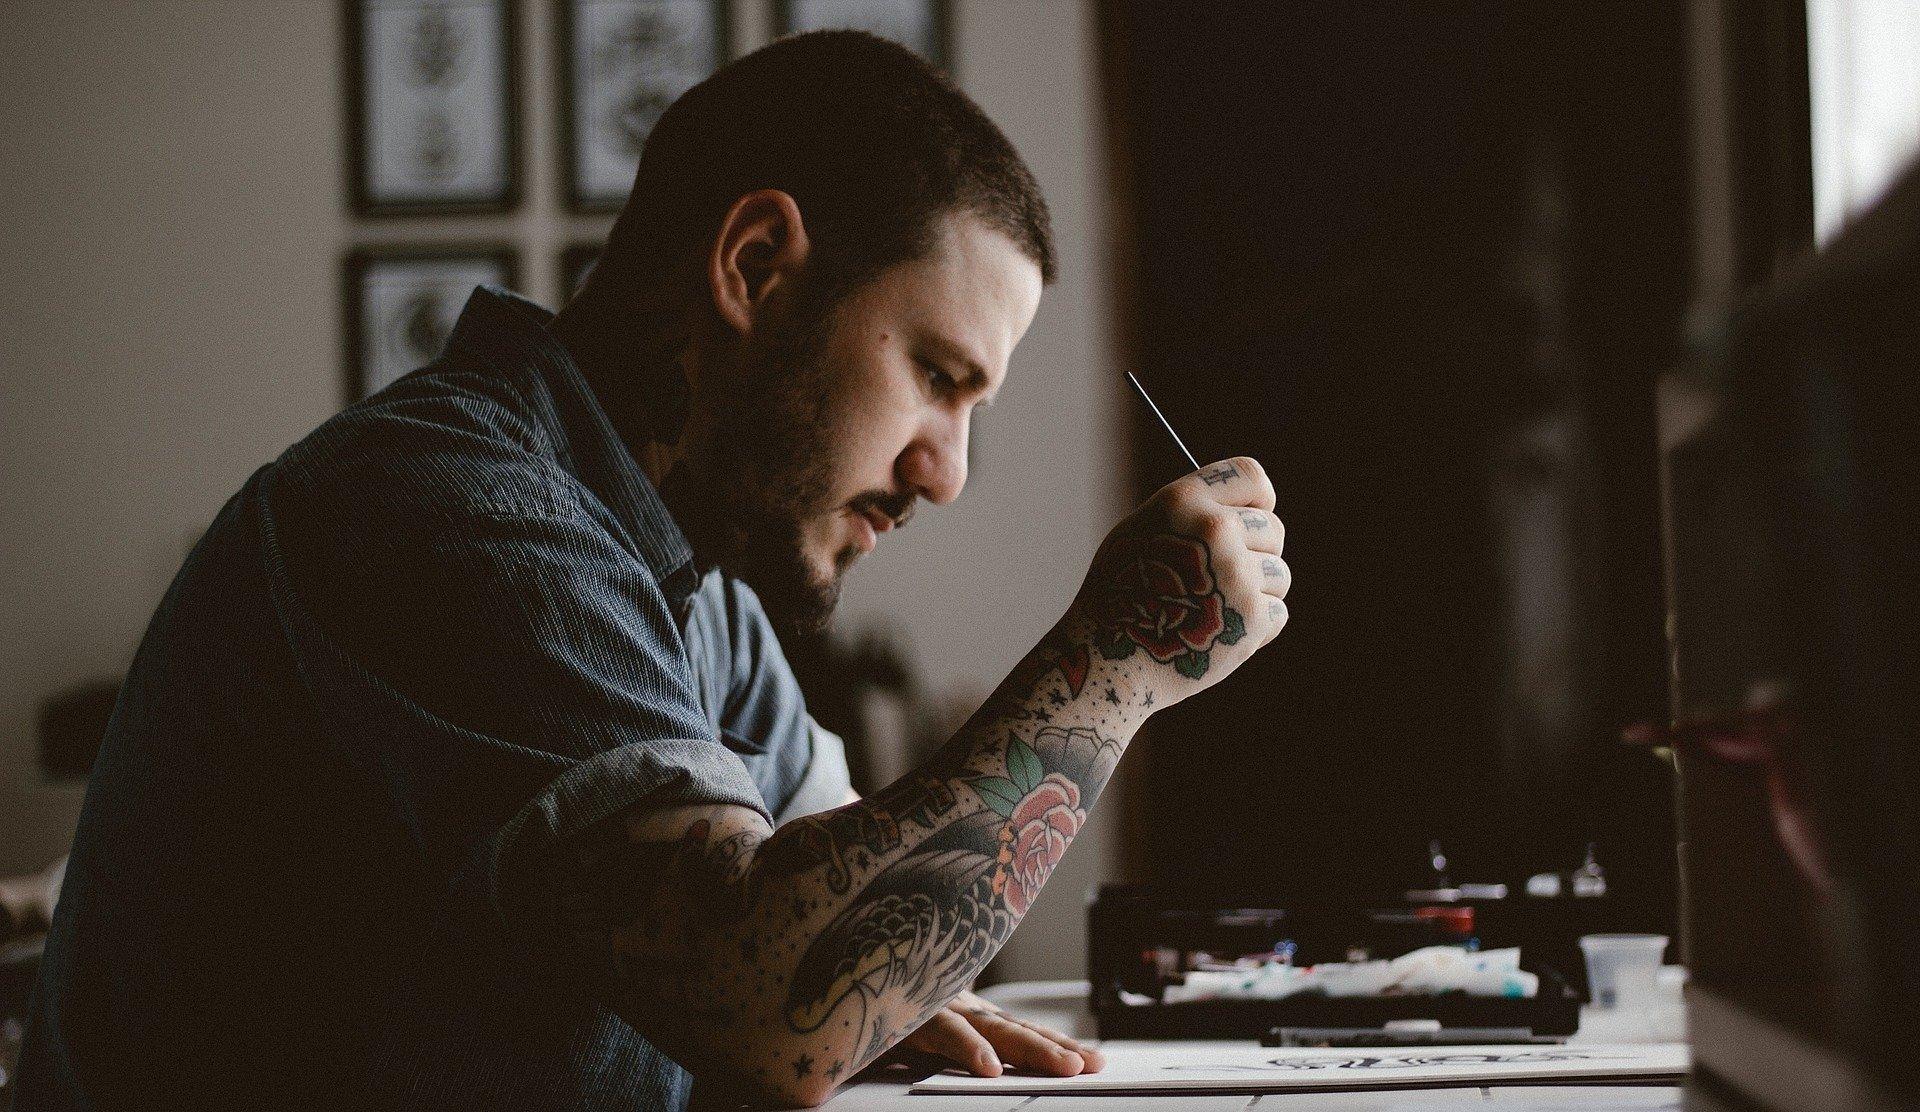 Tatuaże demaskują stereotypy? Badania studentów DSW